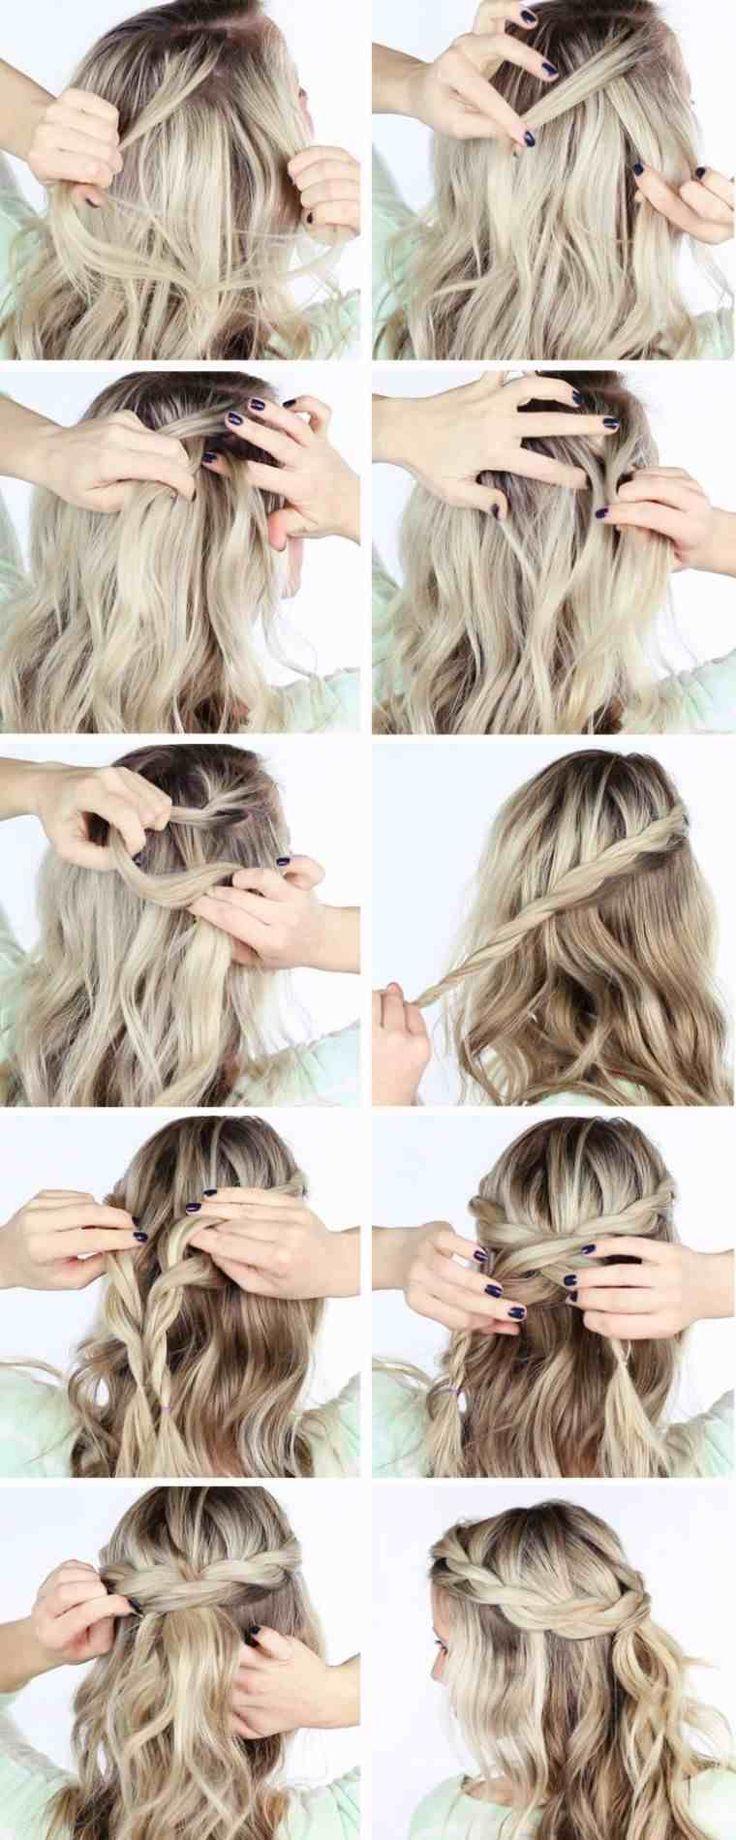 Tuto schneidet mittelgroße und menorrhagische Haare auf ... Ideen, die trivial und schnell sind, um #lange Haarschnitte #Mittellangen # Haarschnitte zu wählen - #haare #ideen #menorrhagische #mittelgro #schneidet #schnell #trivial - #LangeFrisuren #coiffurecheveuxmilong